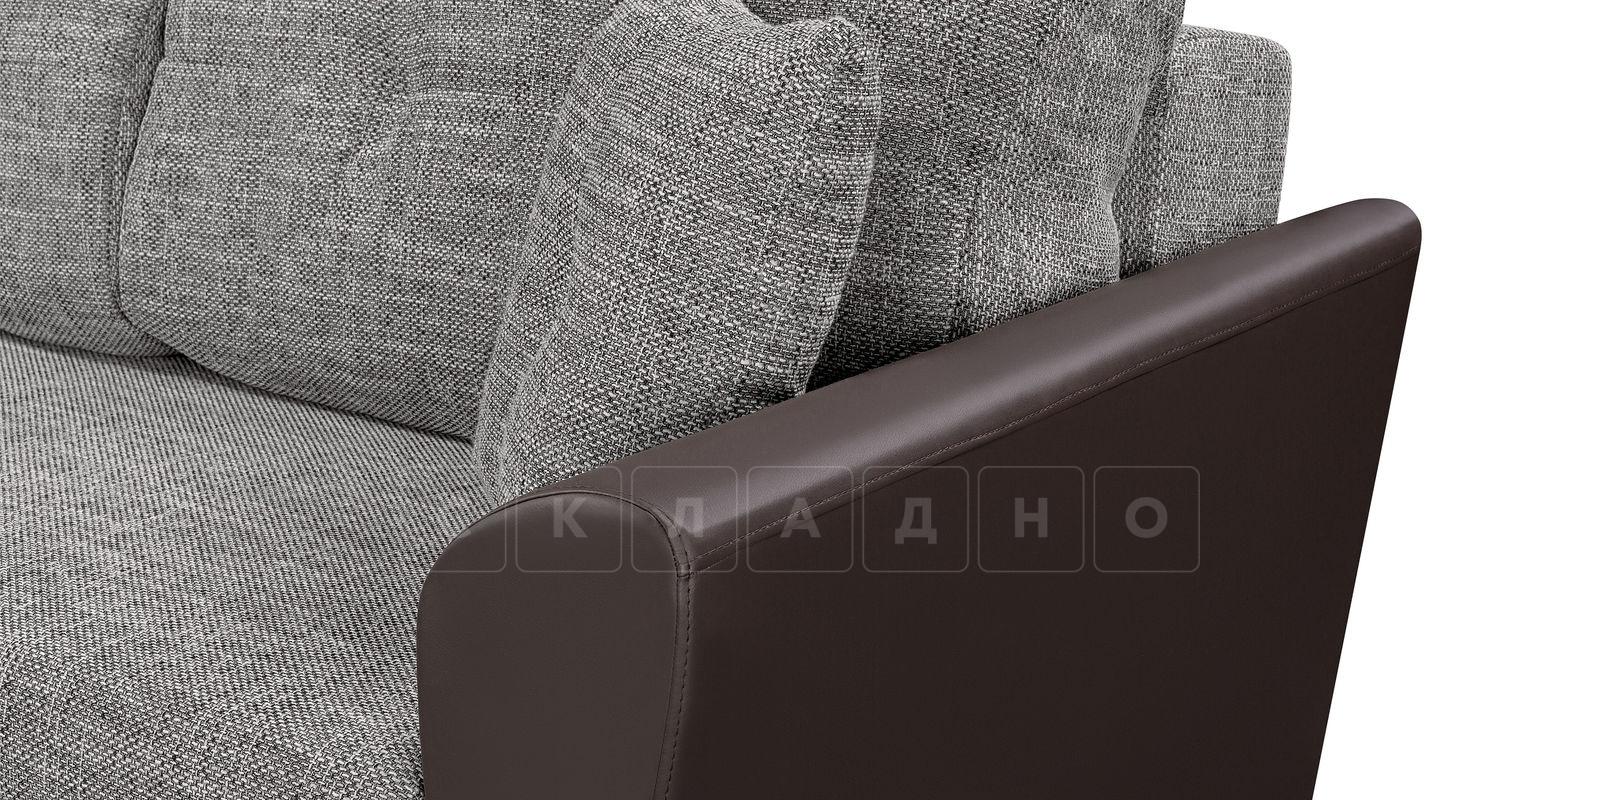 Диван прямой Амстердам кожаный с рогожкой серый фото 5 | интернет-магазин Складно